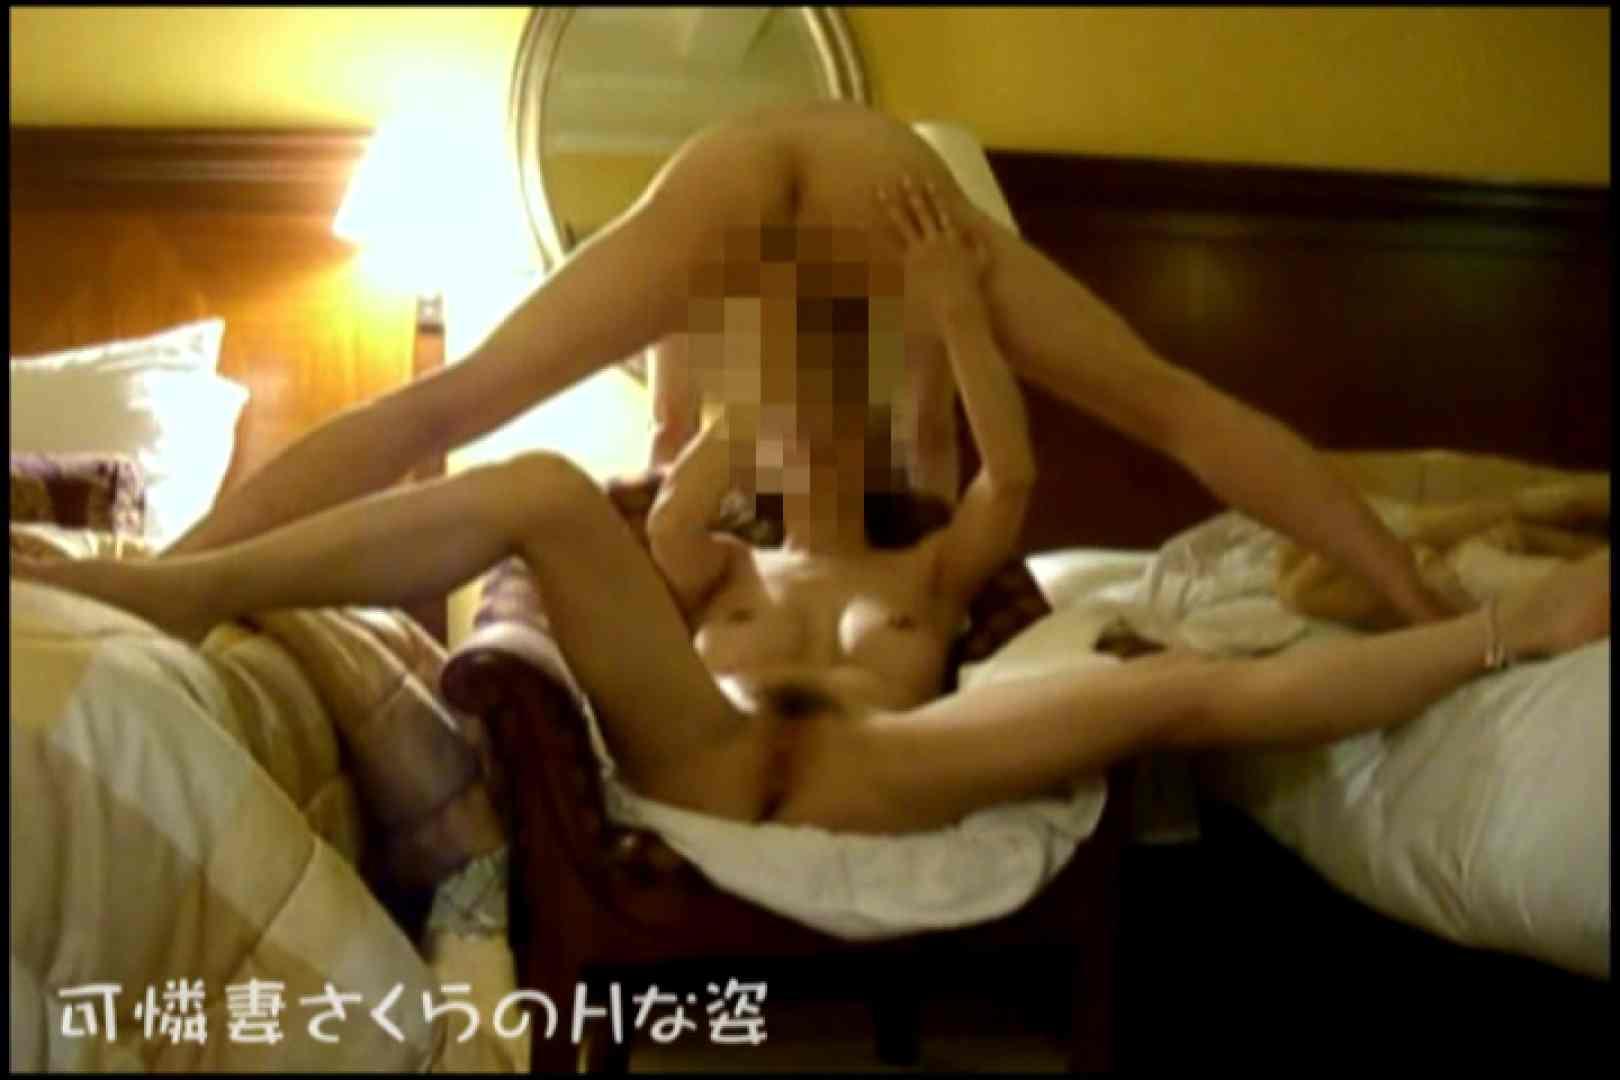 可憐妻さくらのHな姿vol.7 熟女の裸体 | OL裸体  99画像 38